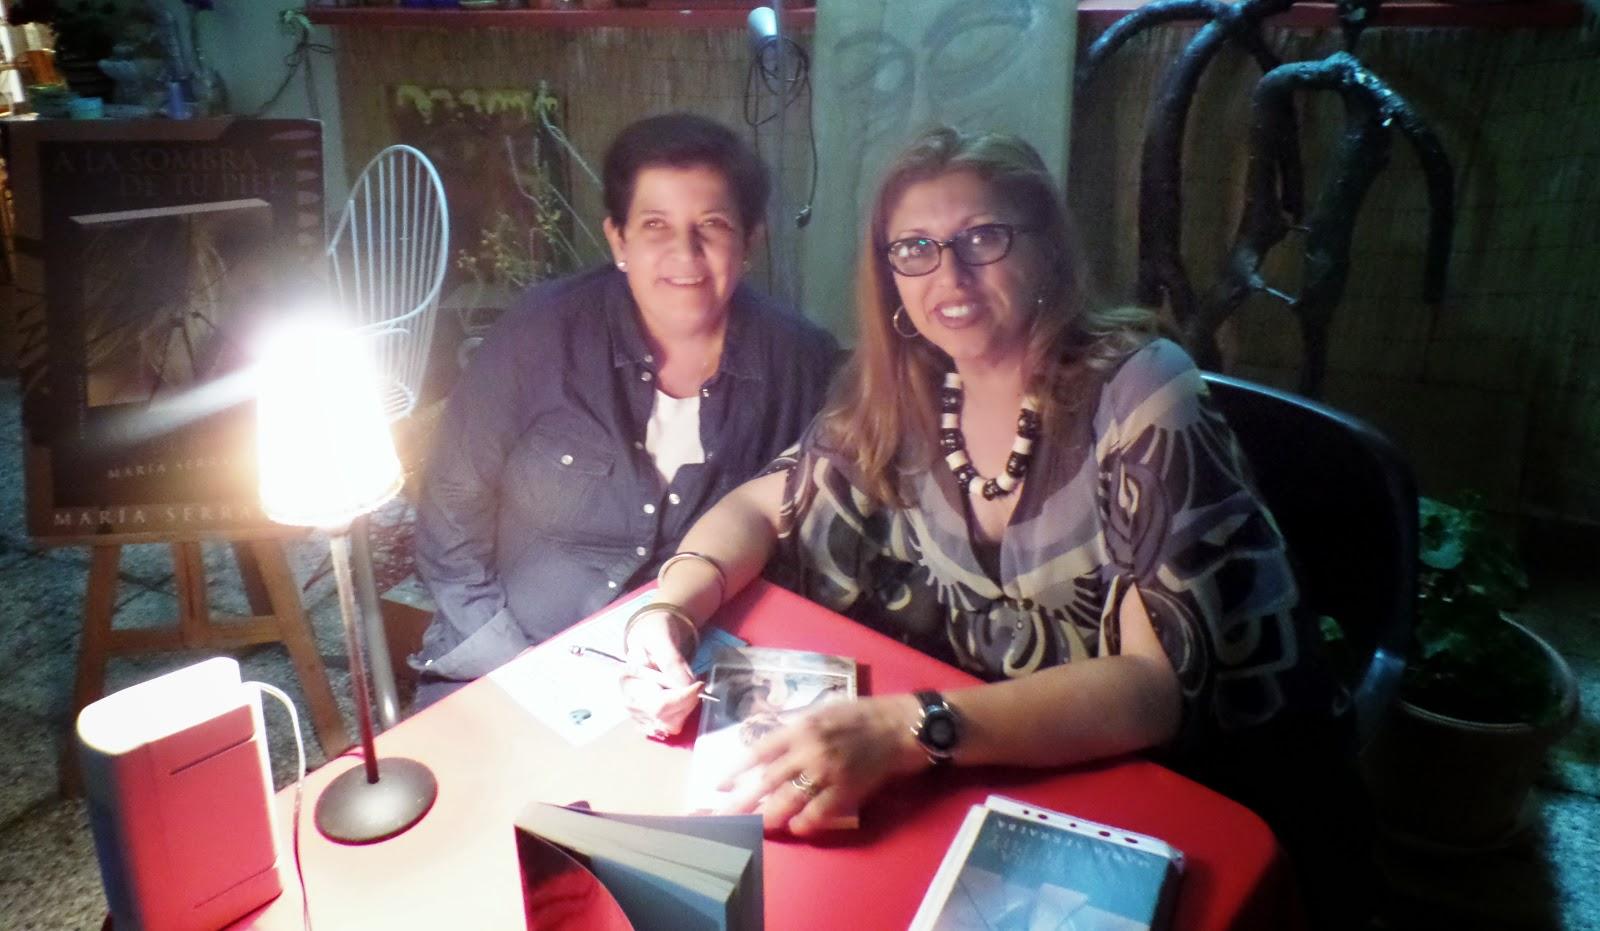 El Blog de María Serralba - Presentación Fuengirola 23/4/14